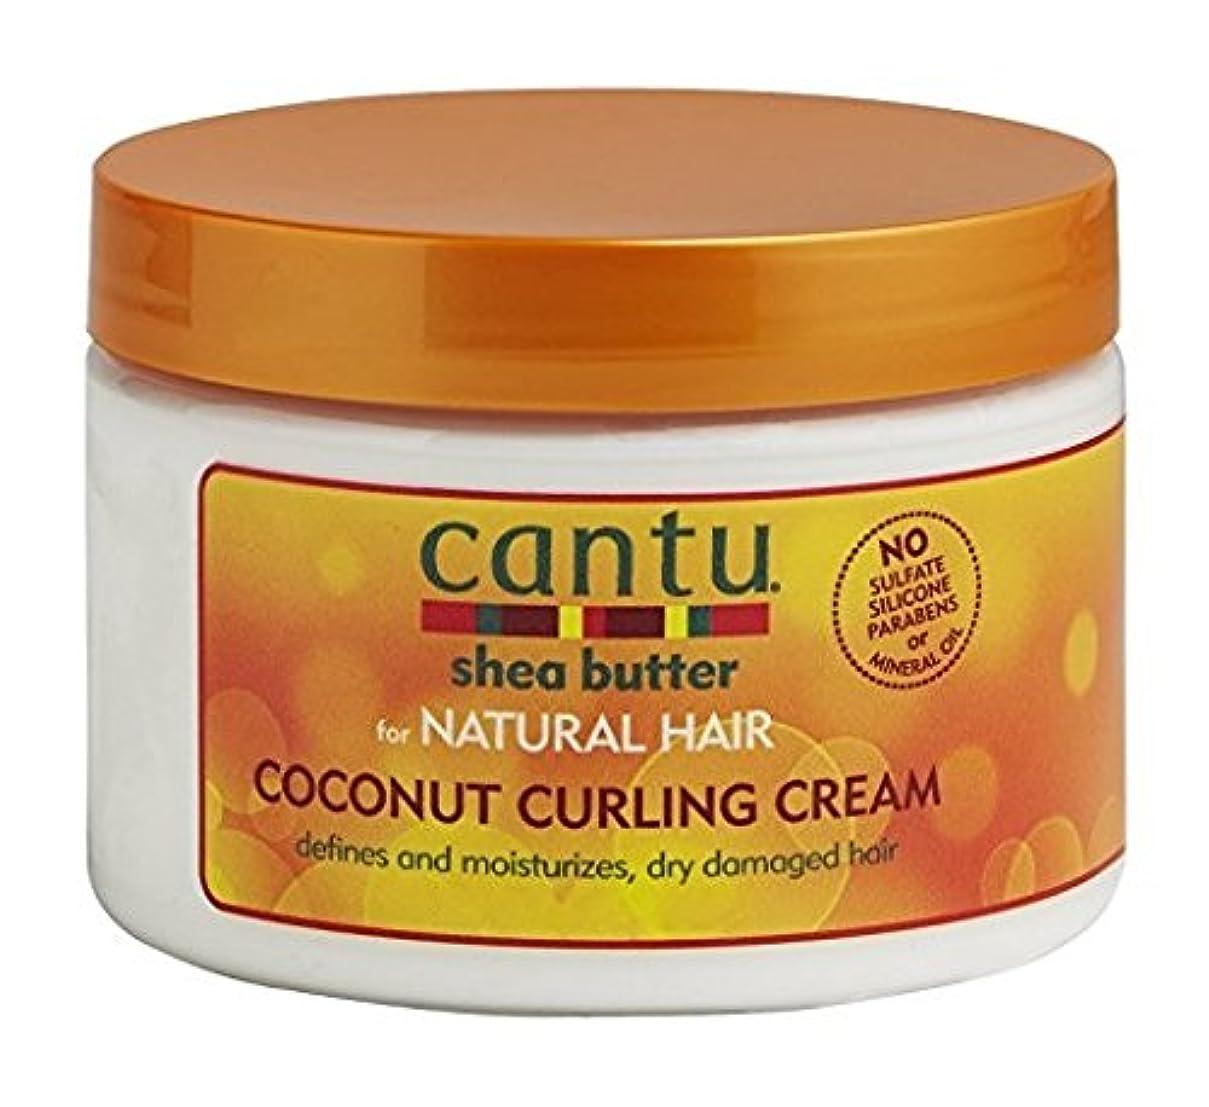 レパートリー振動する指定Cantu Shea Butter for Natural Hair Coconut Curling Cream 340g